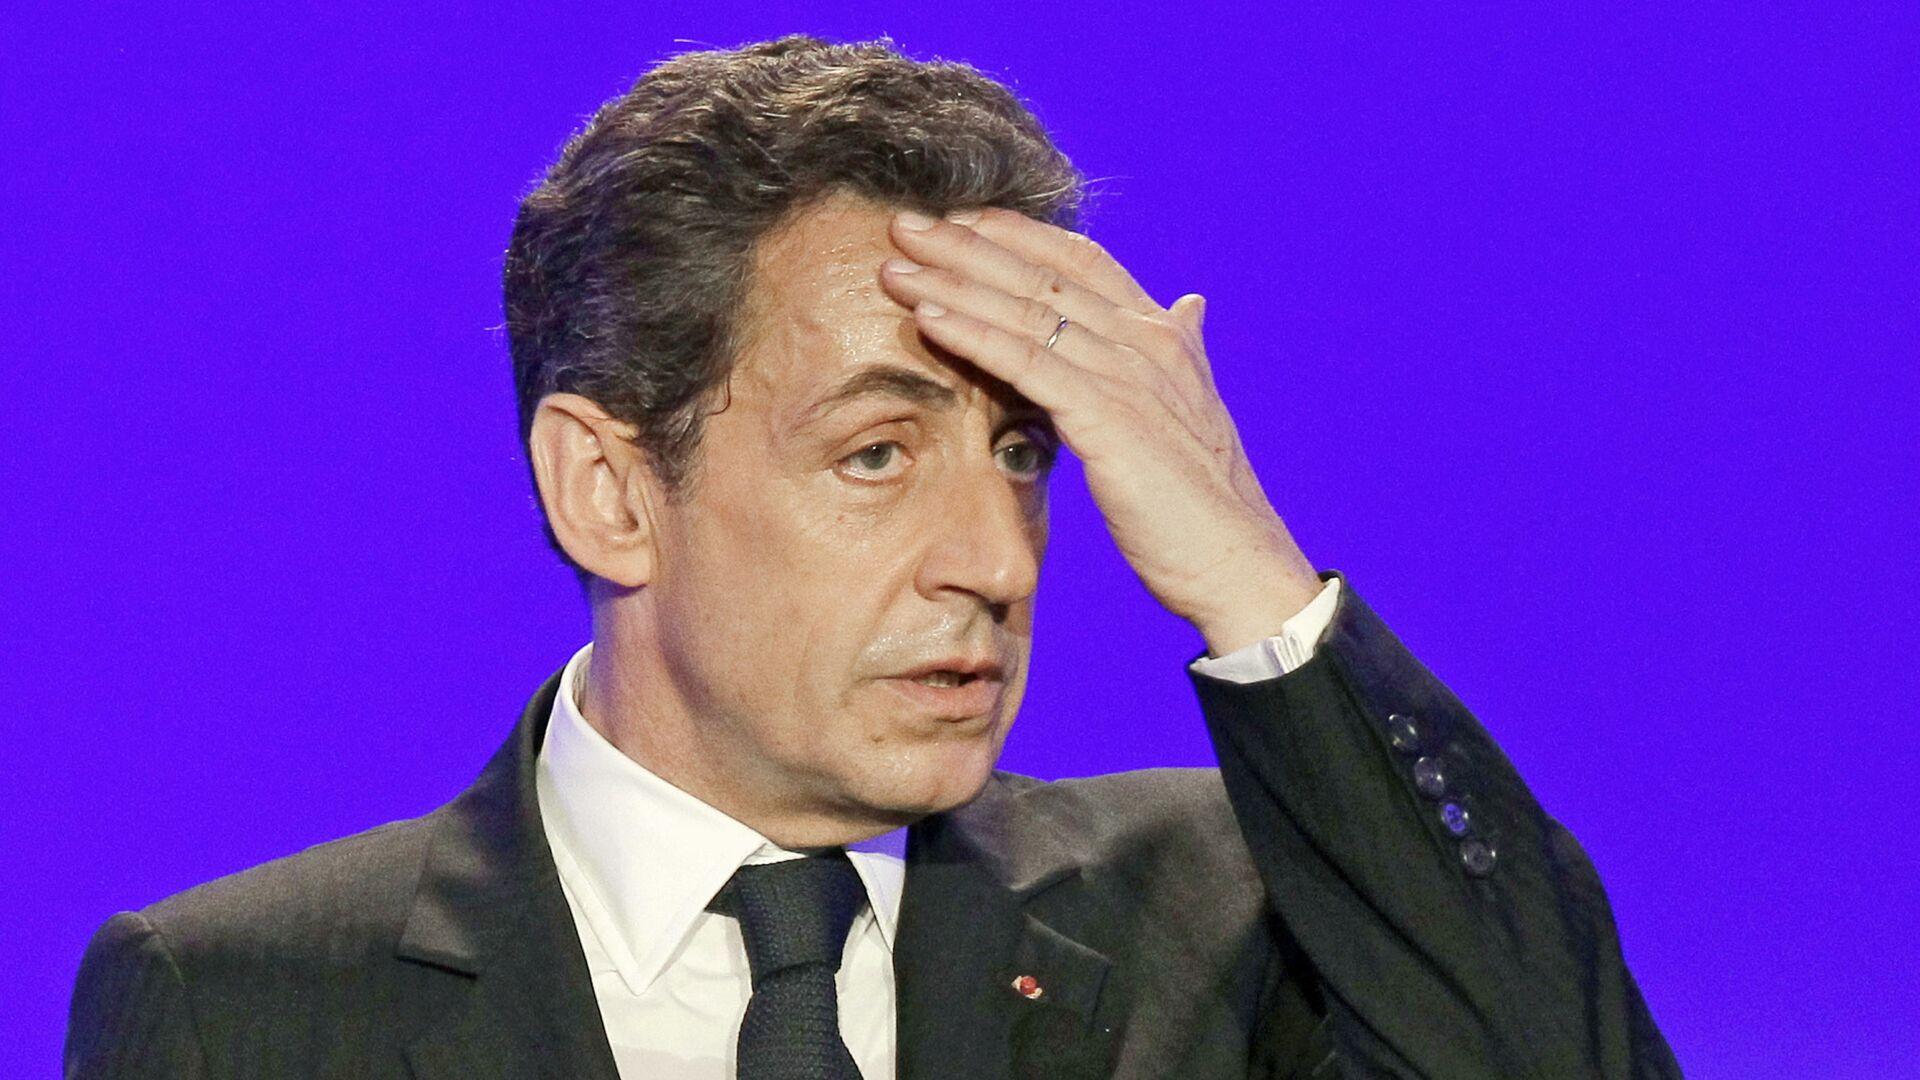 Бывший президент Франции Николя Саркози - Sputnik Тоҷикистон, 1920, 30.09.2021